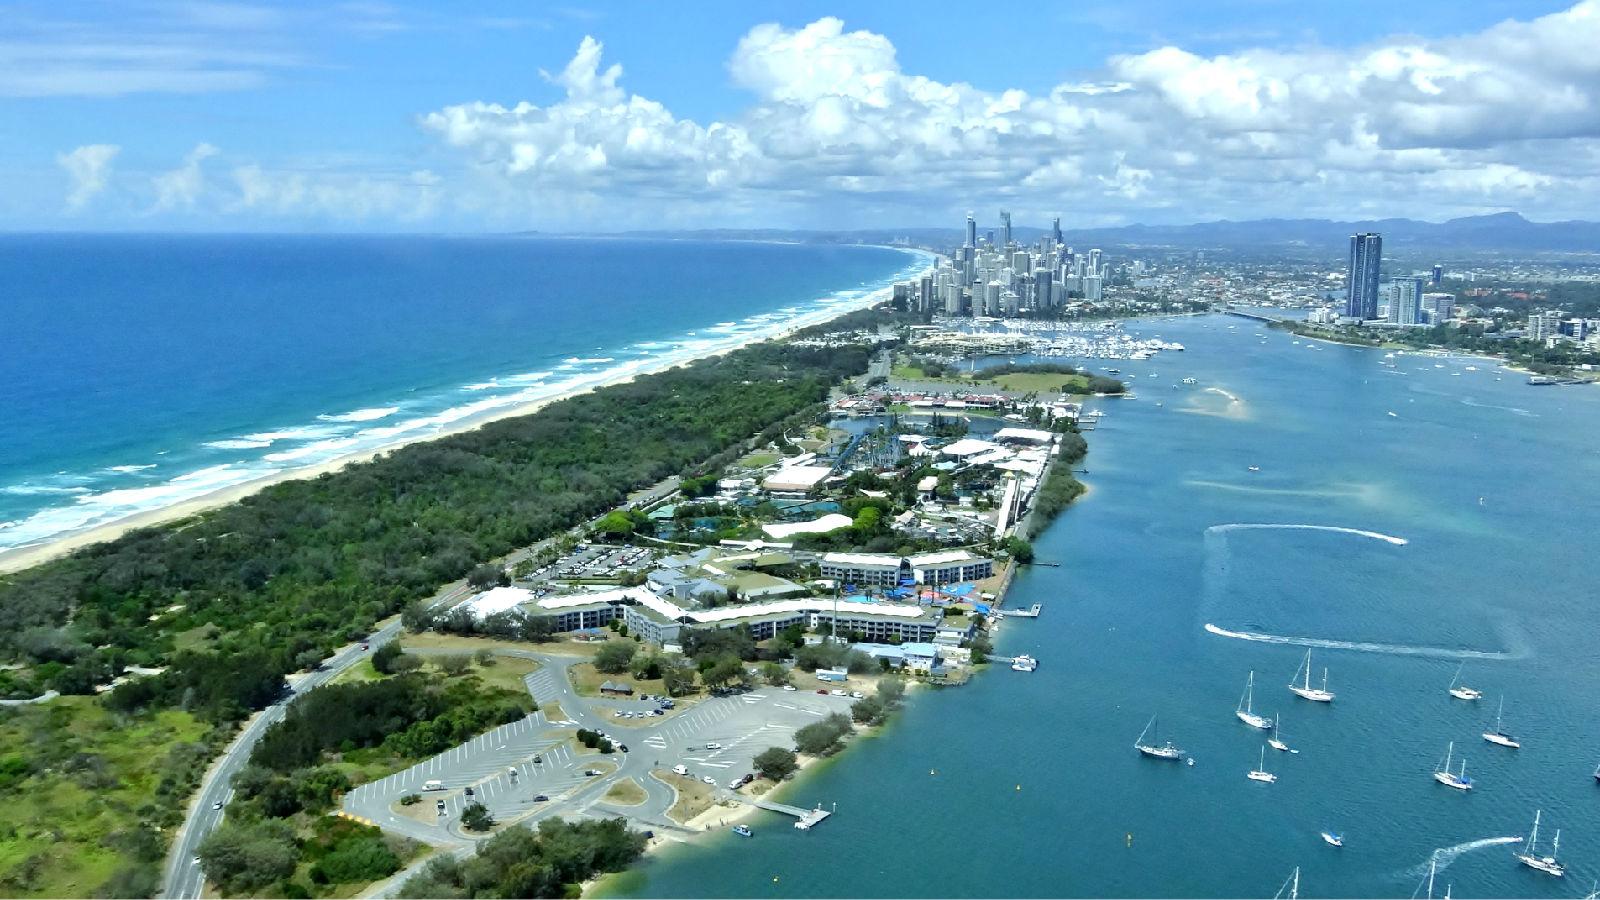 澳大利亚旅游攻略图片123